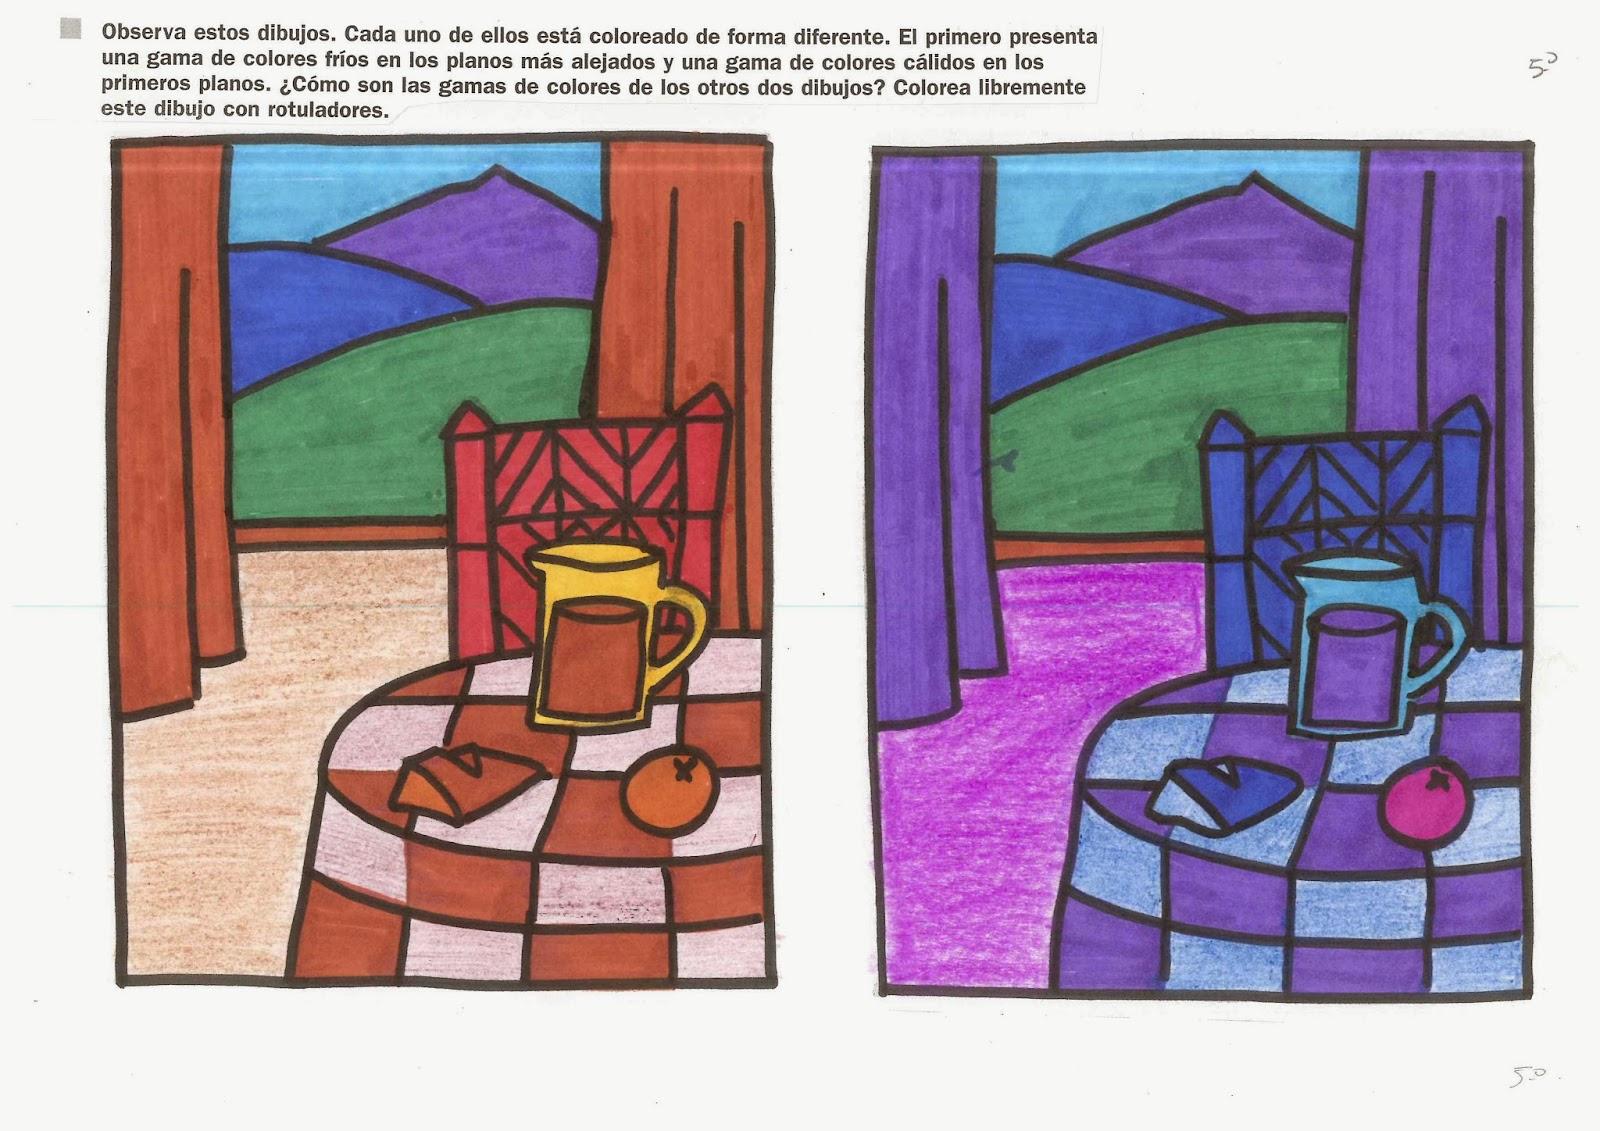 La clase de felipe v tarea para el lunes 23 de septiembre - Paisaje con colores calidos ...